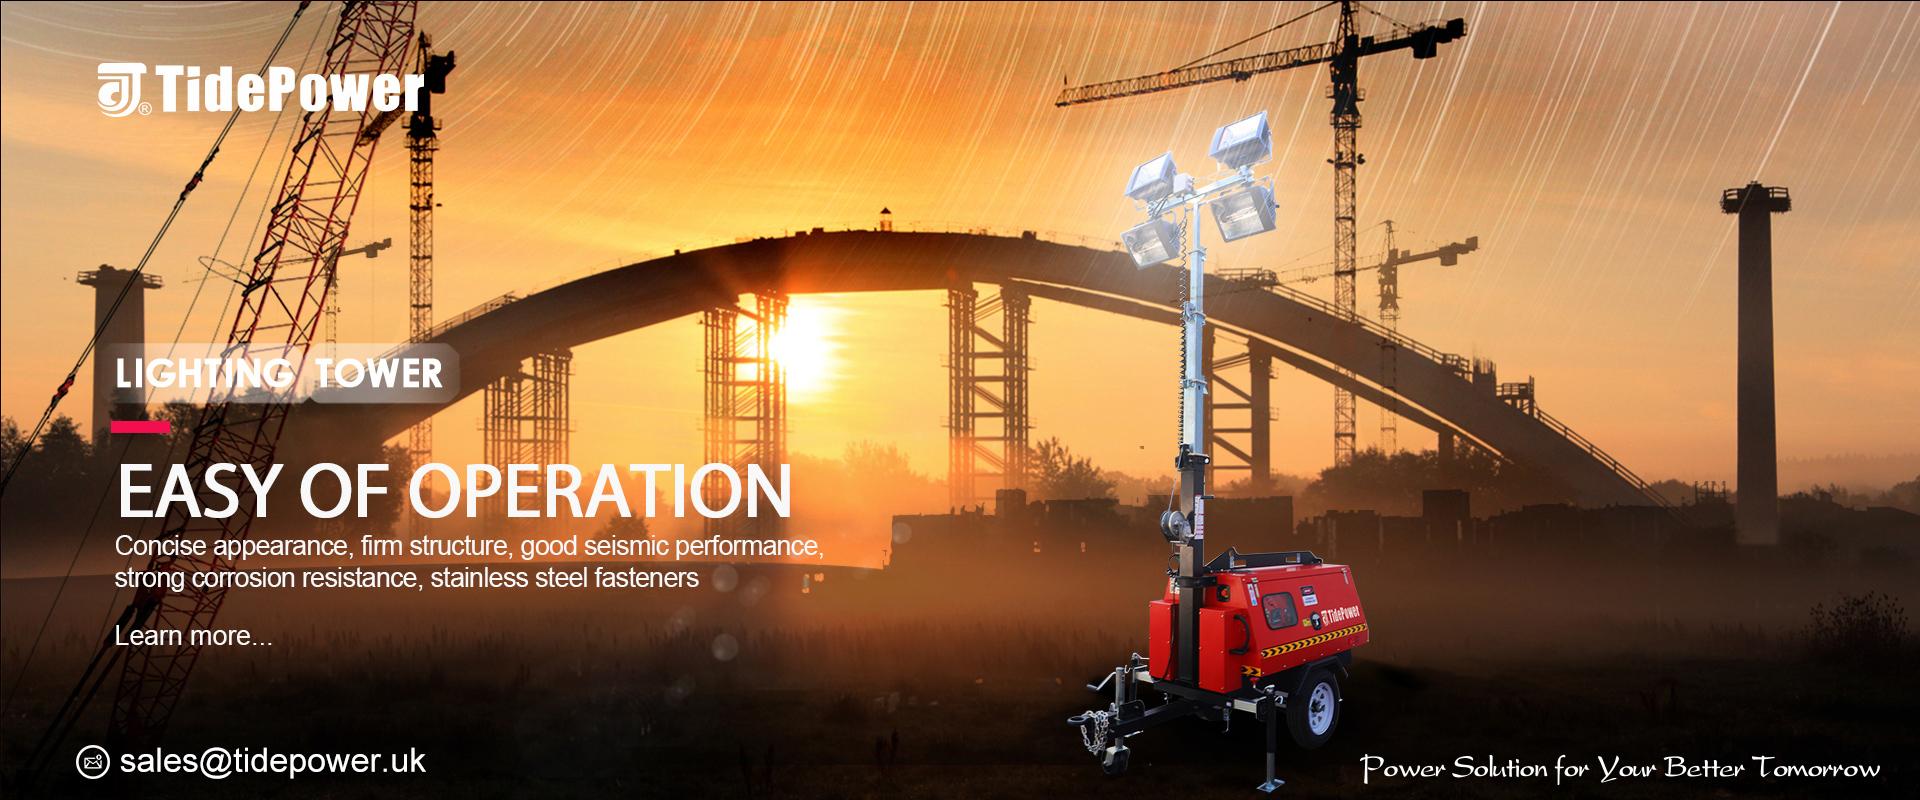 tidepower,diesel generator,lighting tower